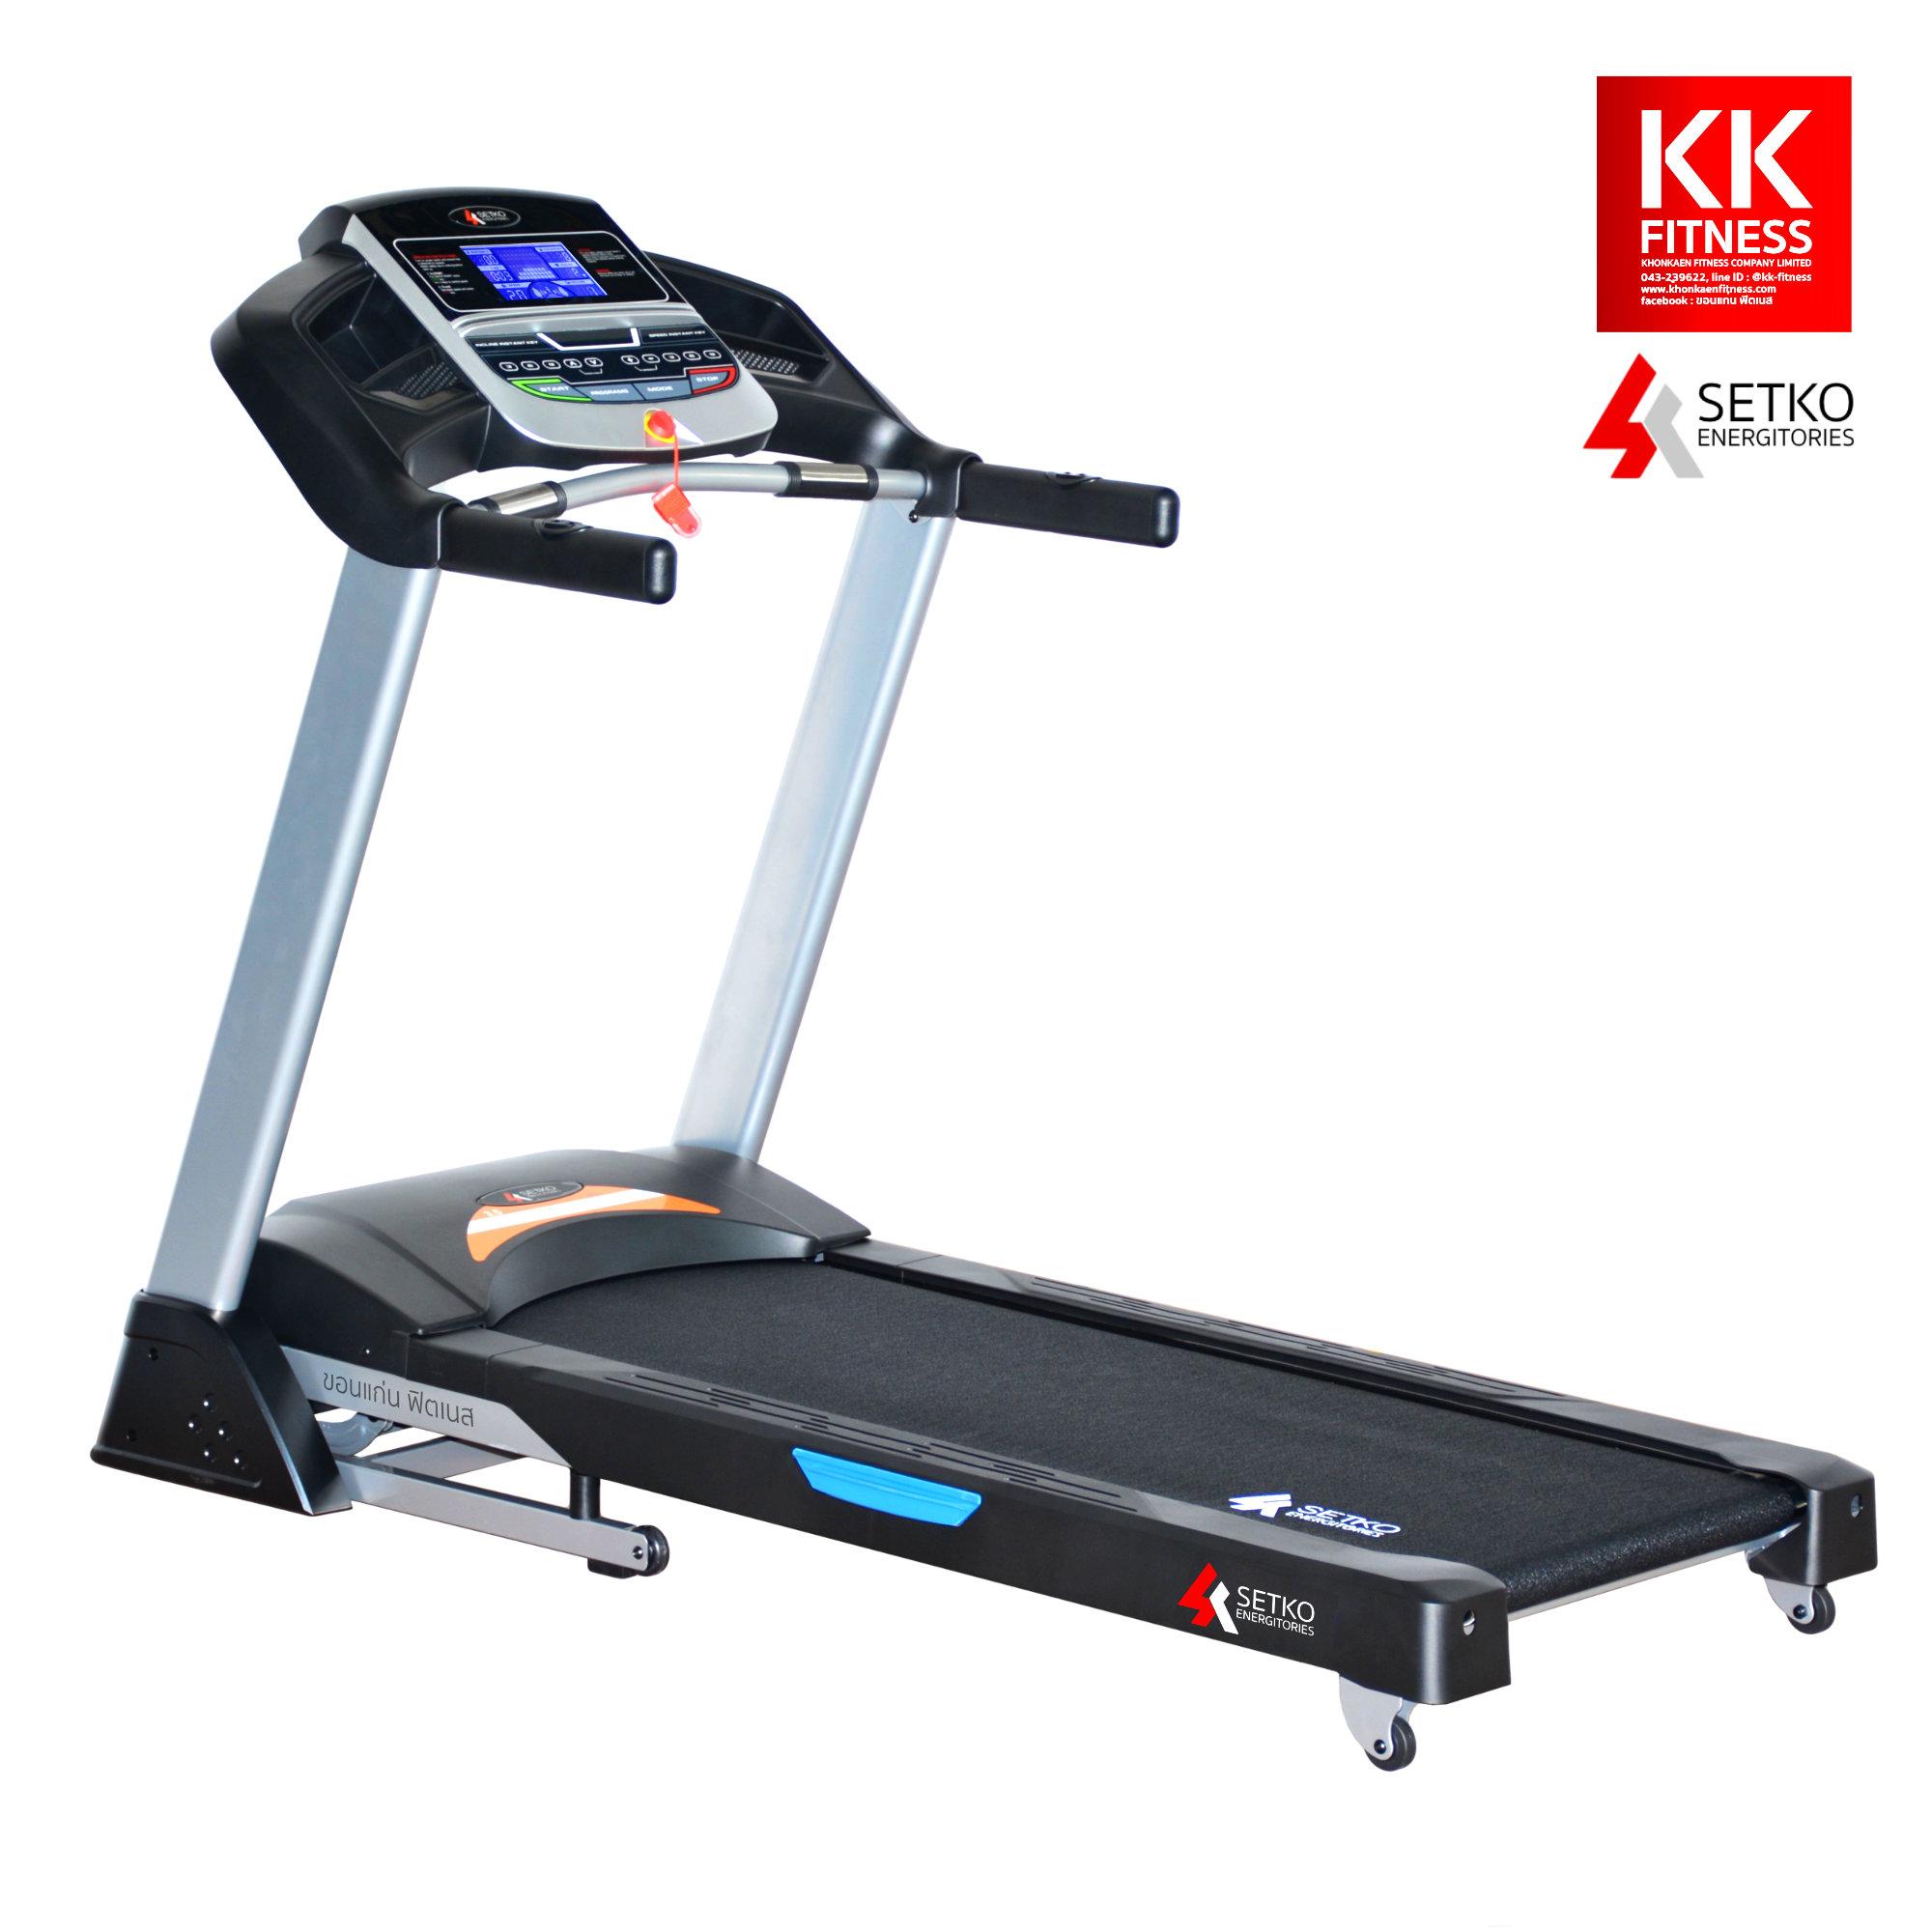 ลู่วิ่งไฟฟ้า : Setko SK-1 - 3.5 HP